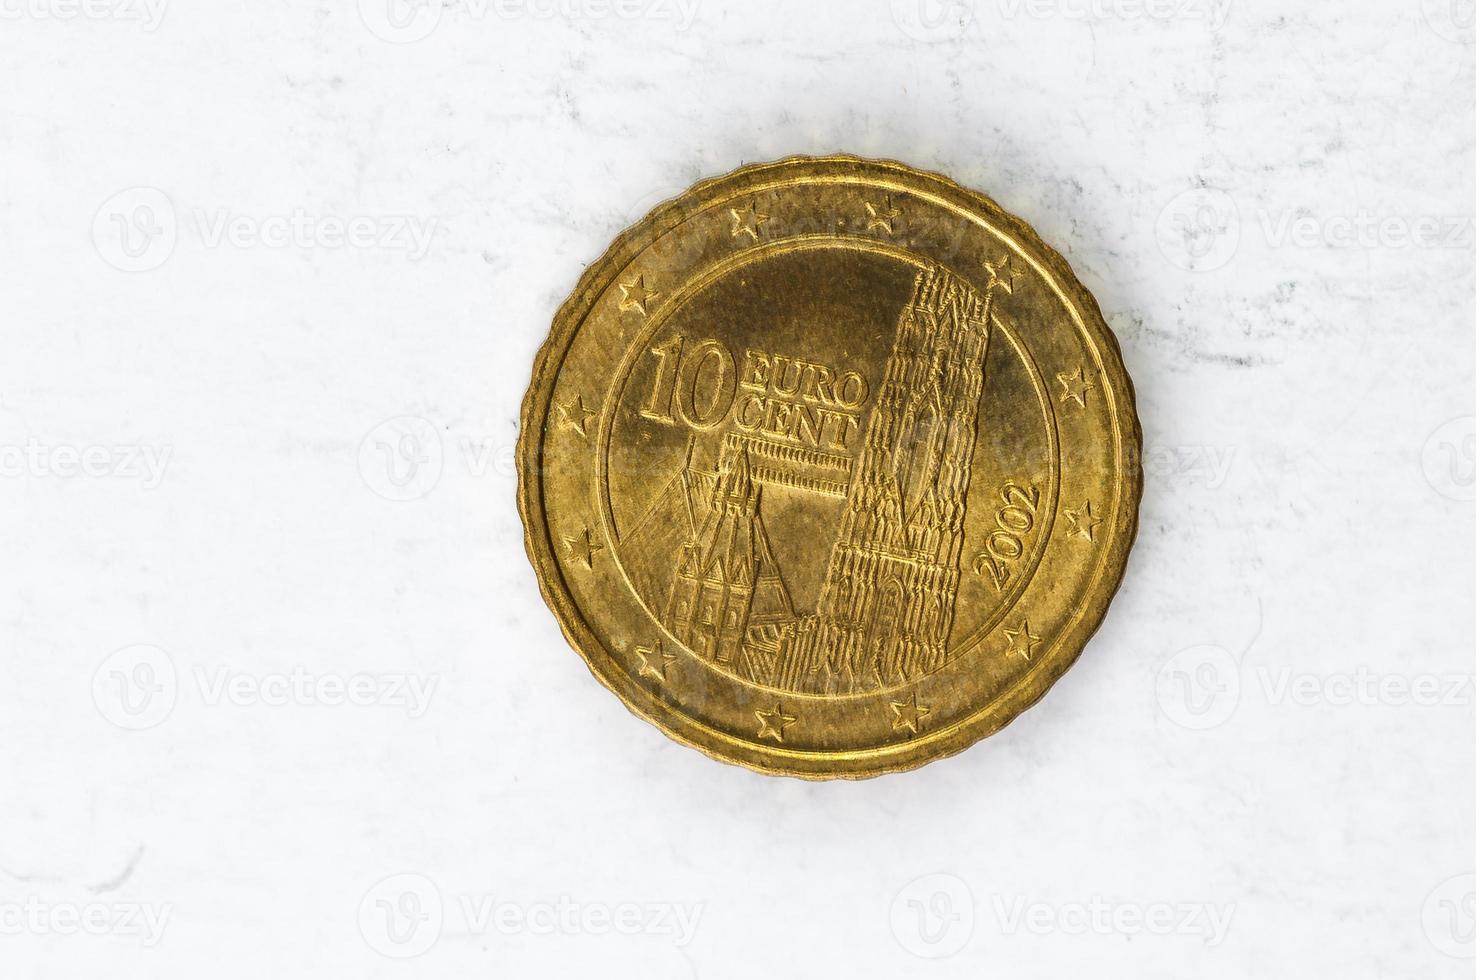 10 euro cent mynt med österrikes baksida använt utseende foto